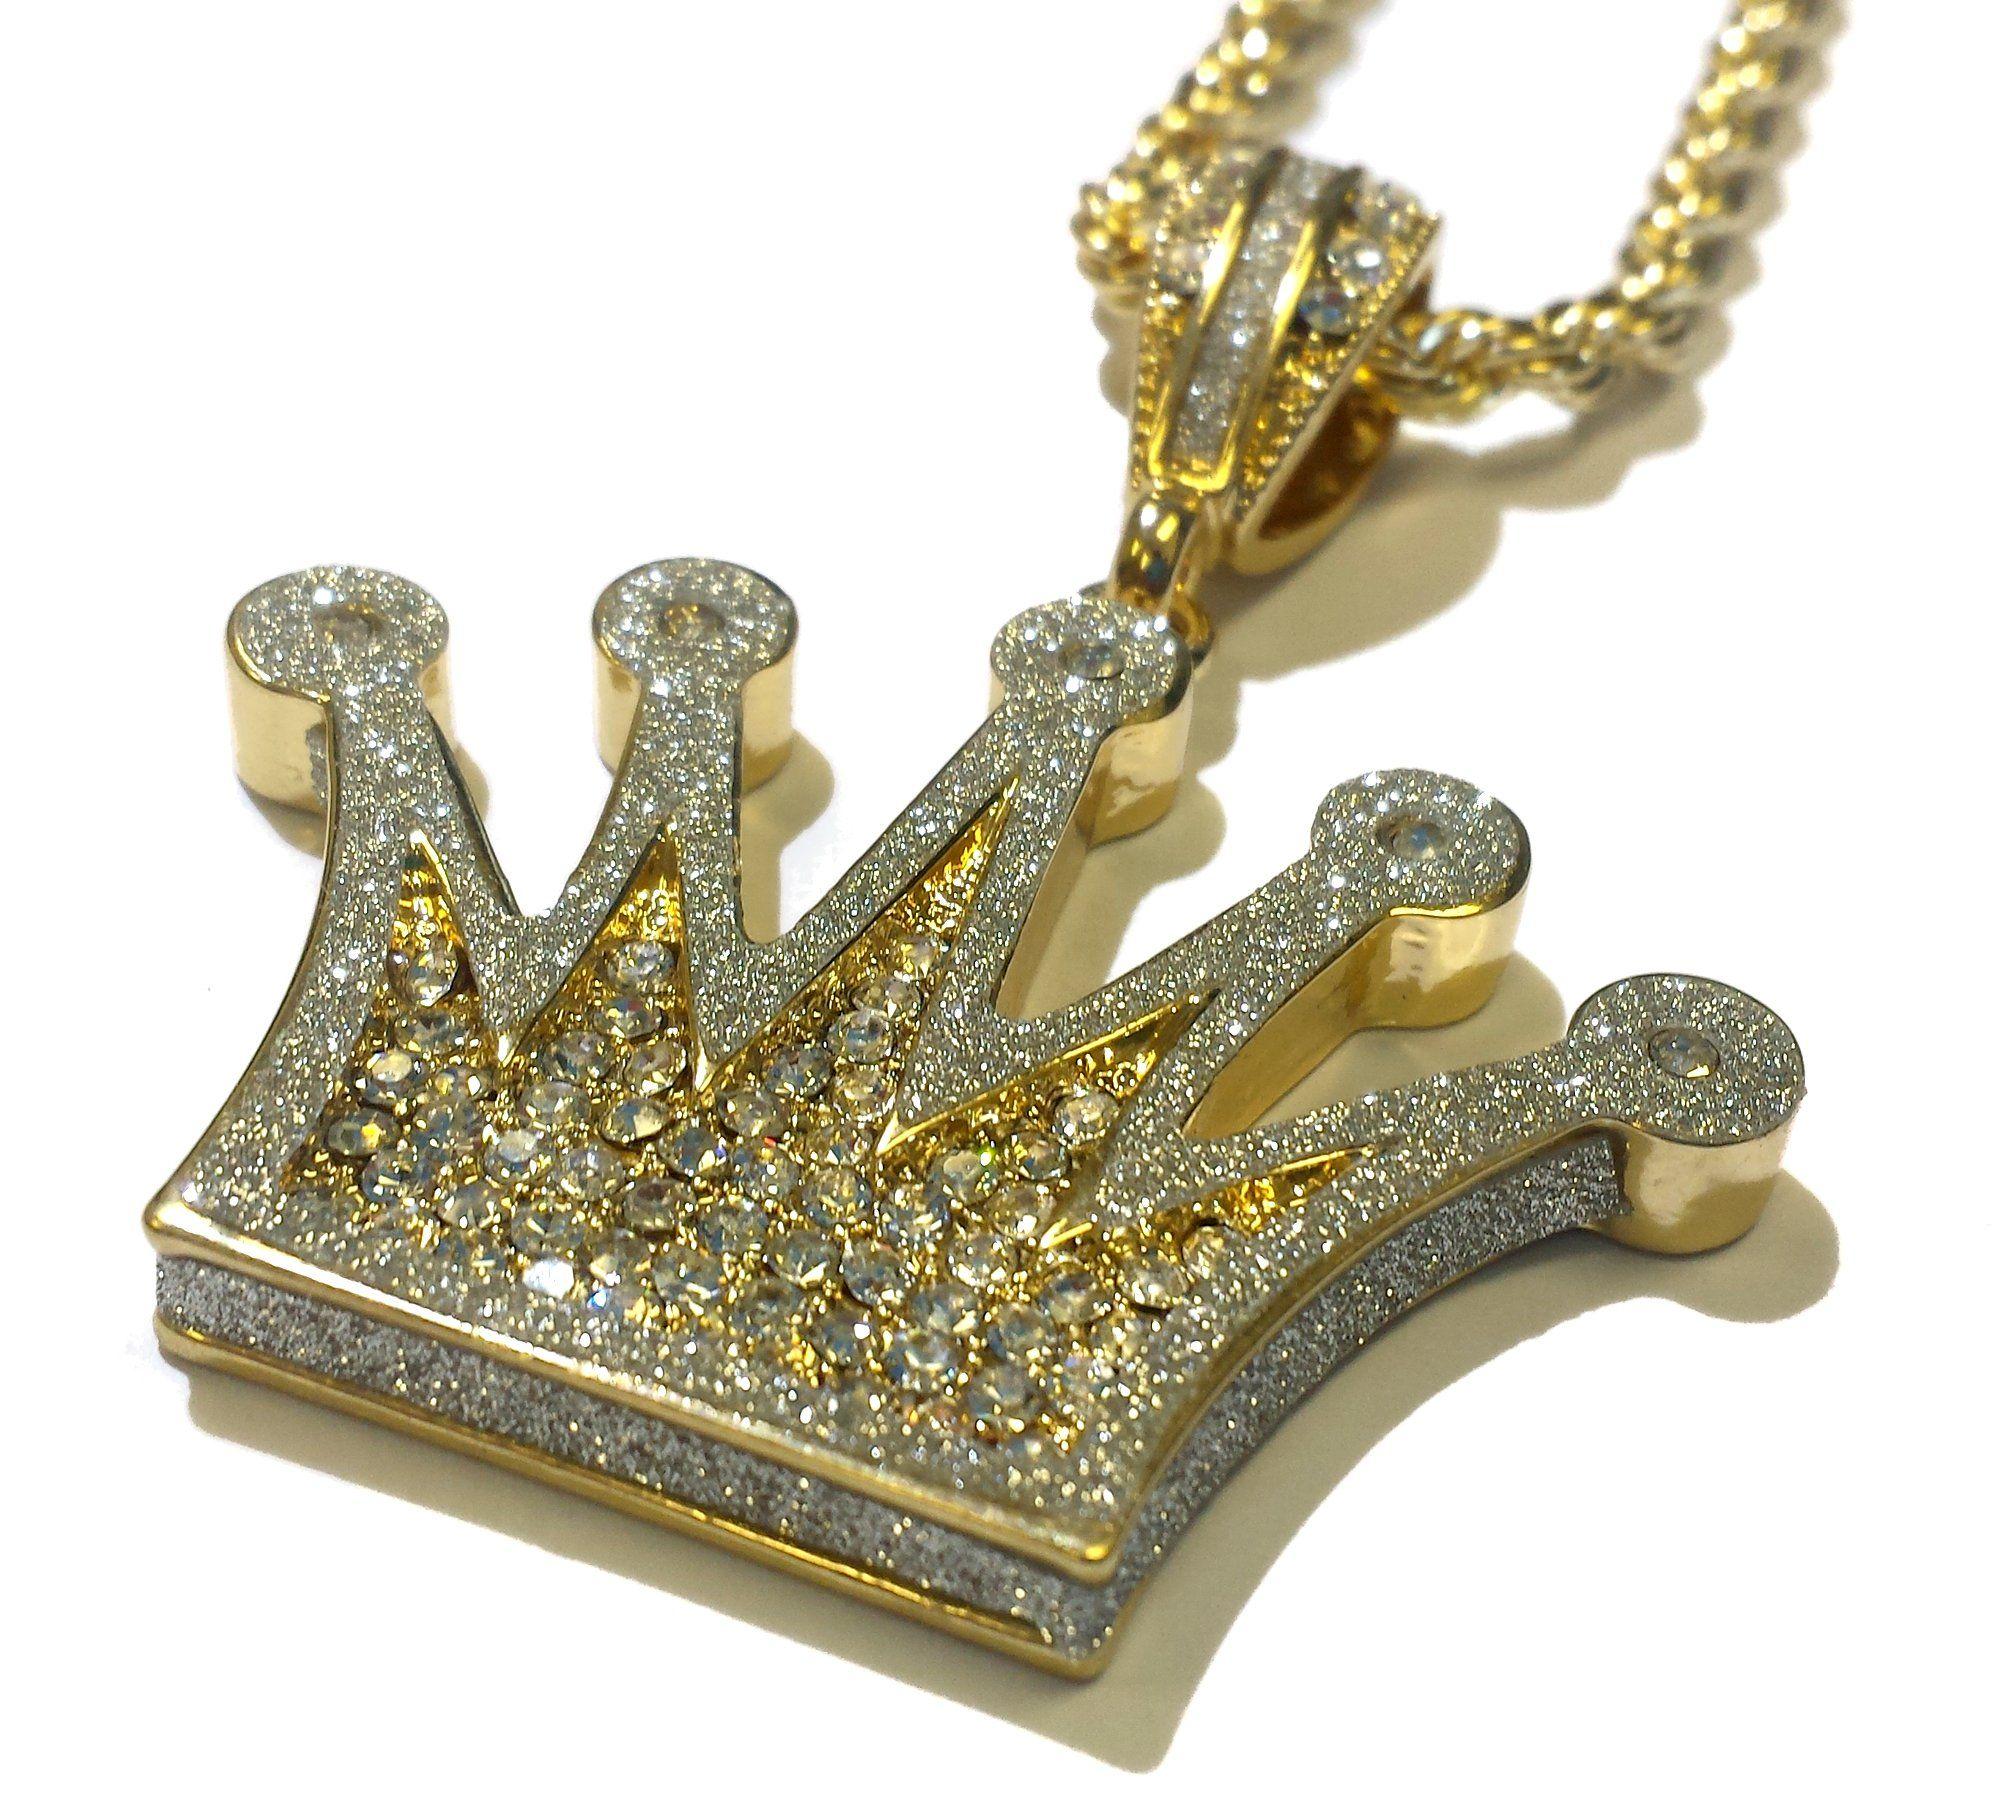 d817684c5ce Amazon.com: 18k Gold Plated Iced Out Crown Design 3D Pendant Hip Hop ...